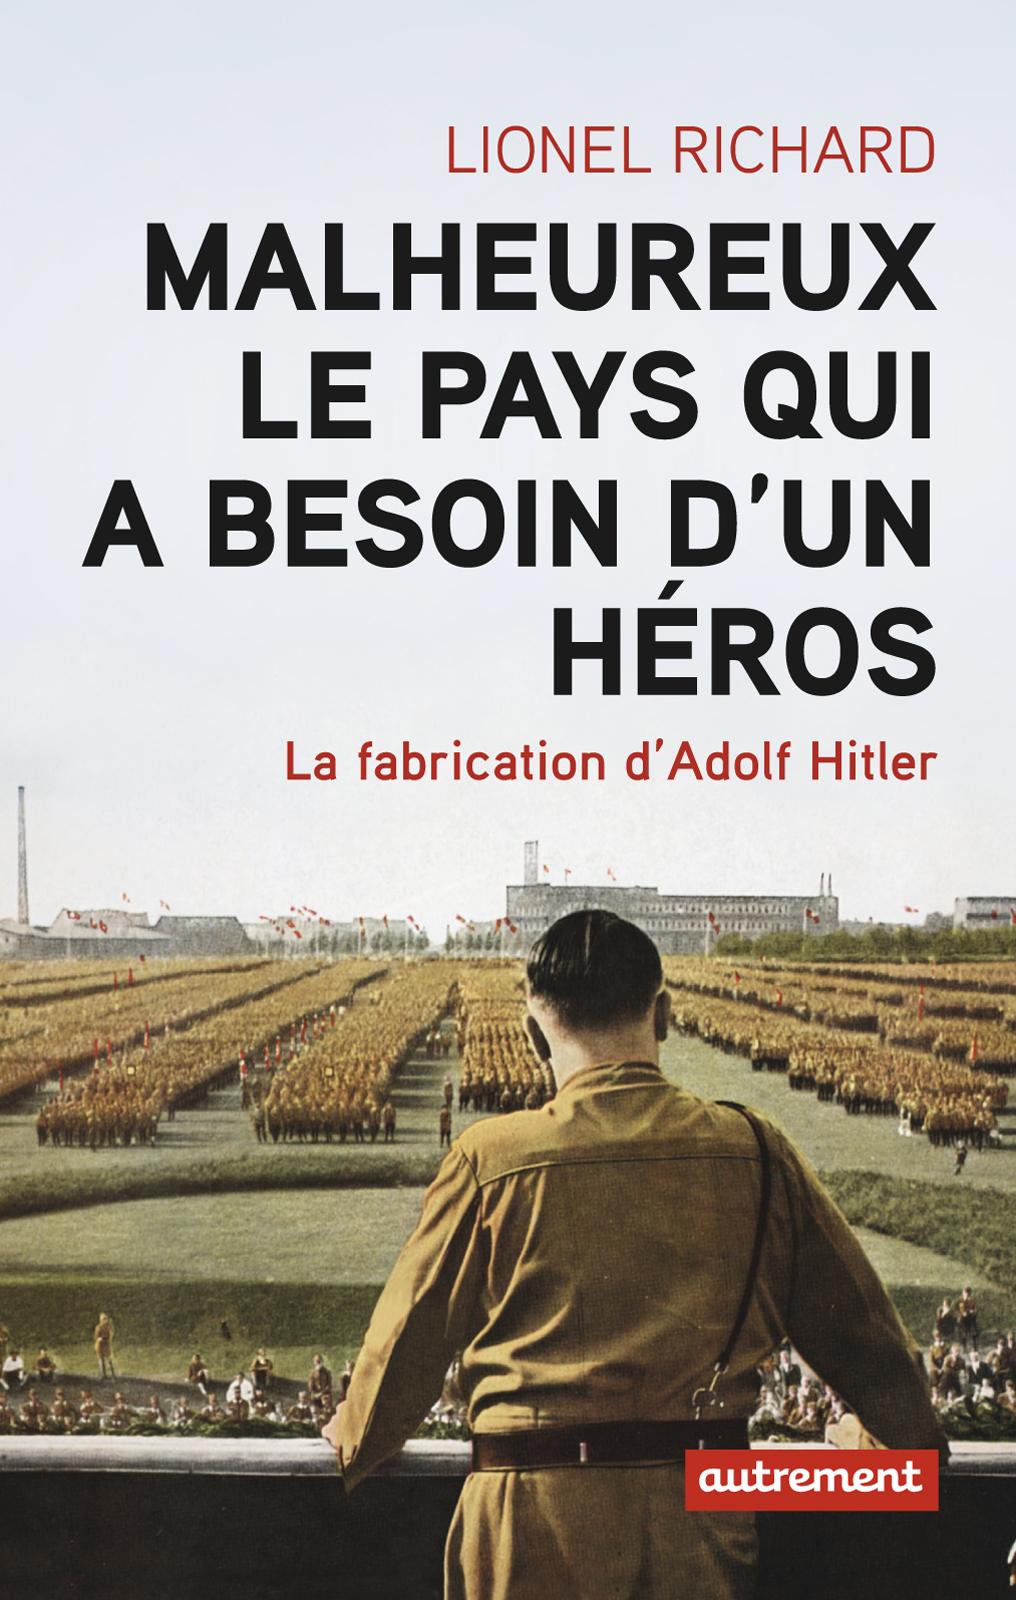 Malheureux le pays qui a besoin d'un héros, LA FABRICATION D'ADOLF HITLER